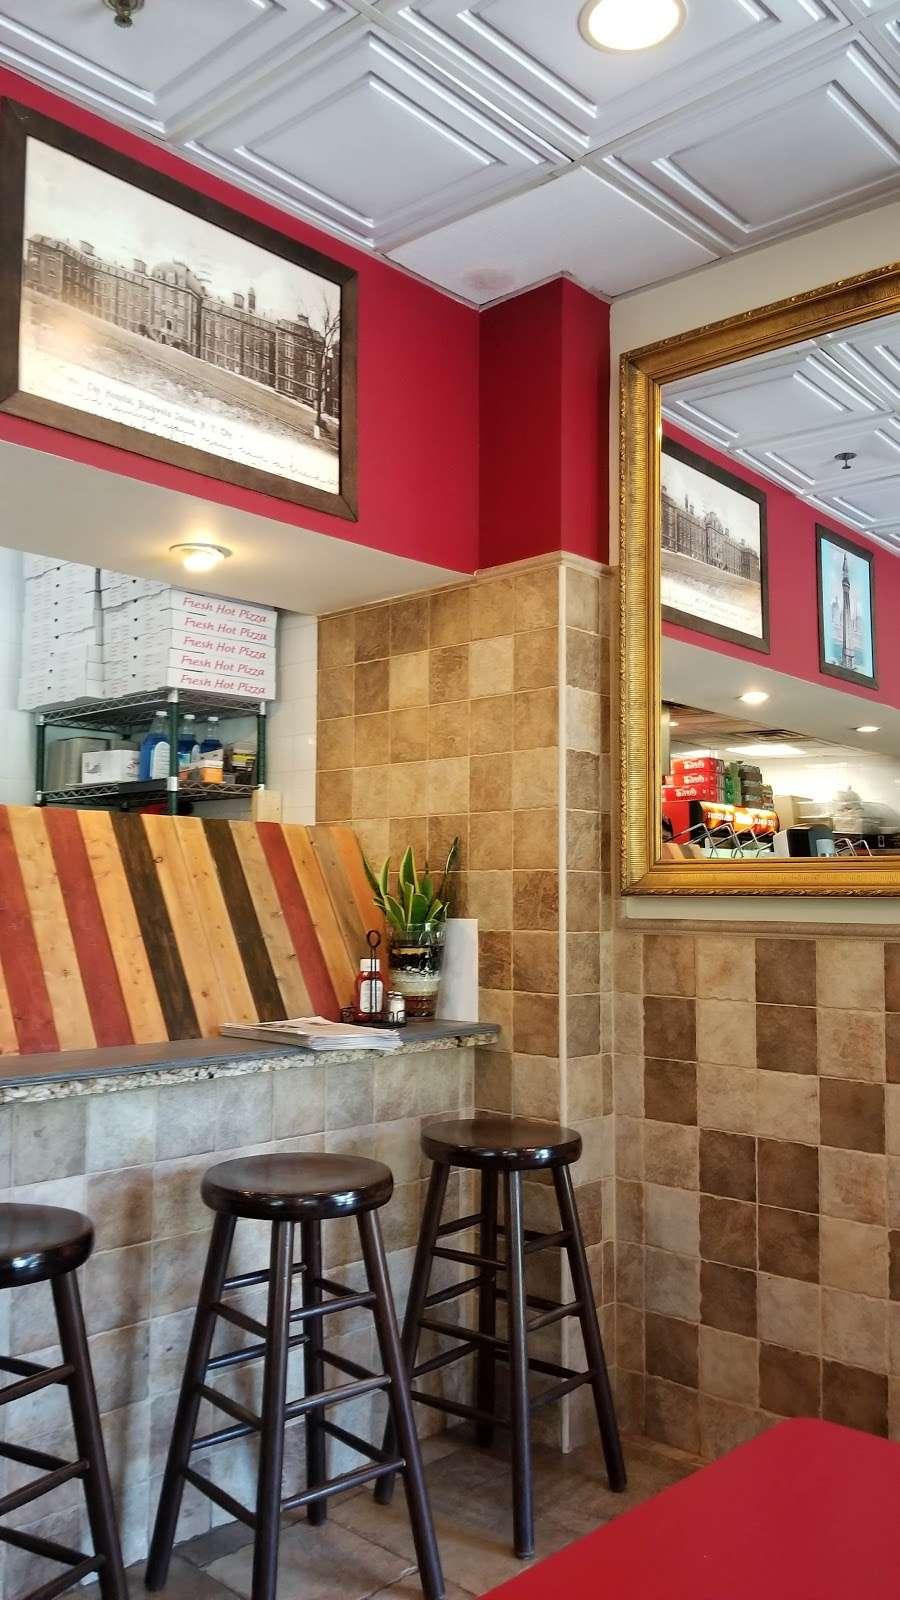 Piccolo Trattoria Italian Restaurant - restaurant  | Photo 1 of 10 | Address: 455 Main St, New York, NY 10044, USA | Phone: (212) 753-2300